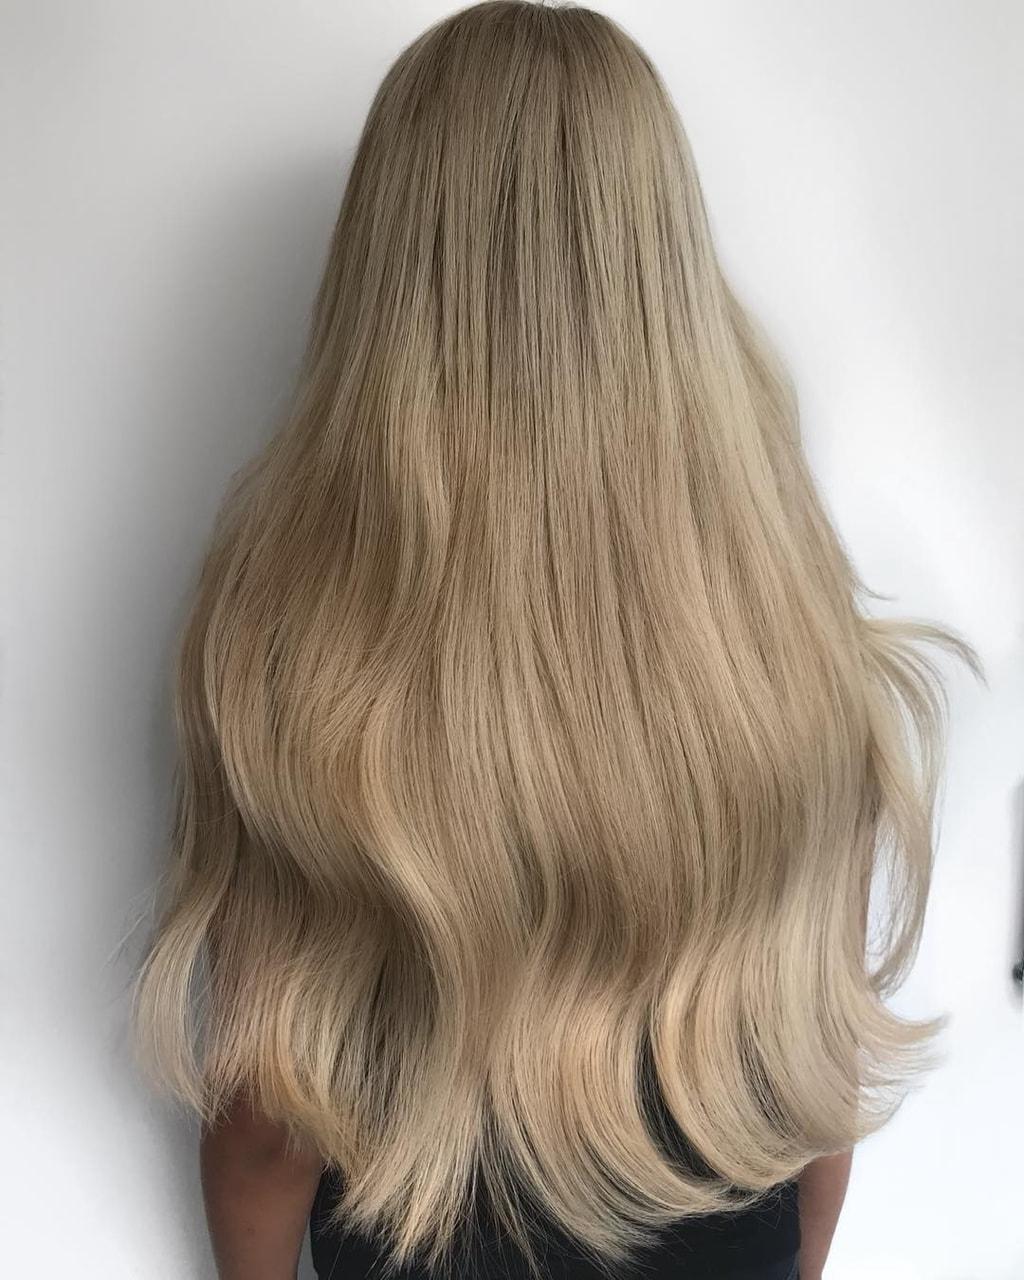 blonde girl, blonde hair, and blondie image